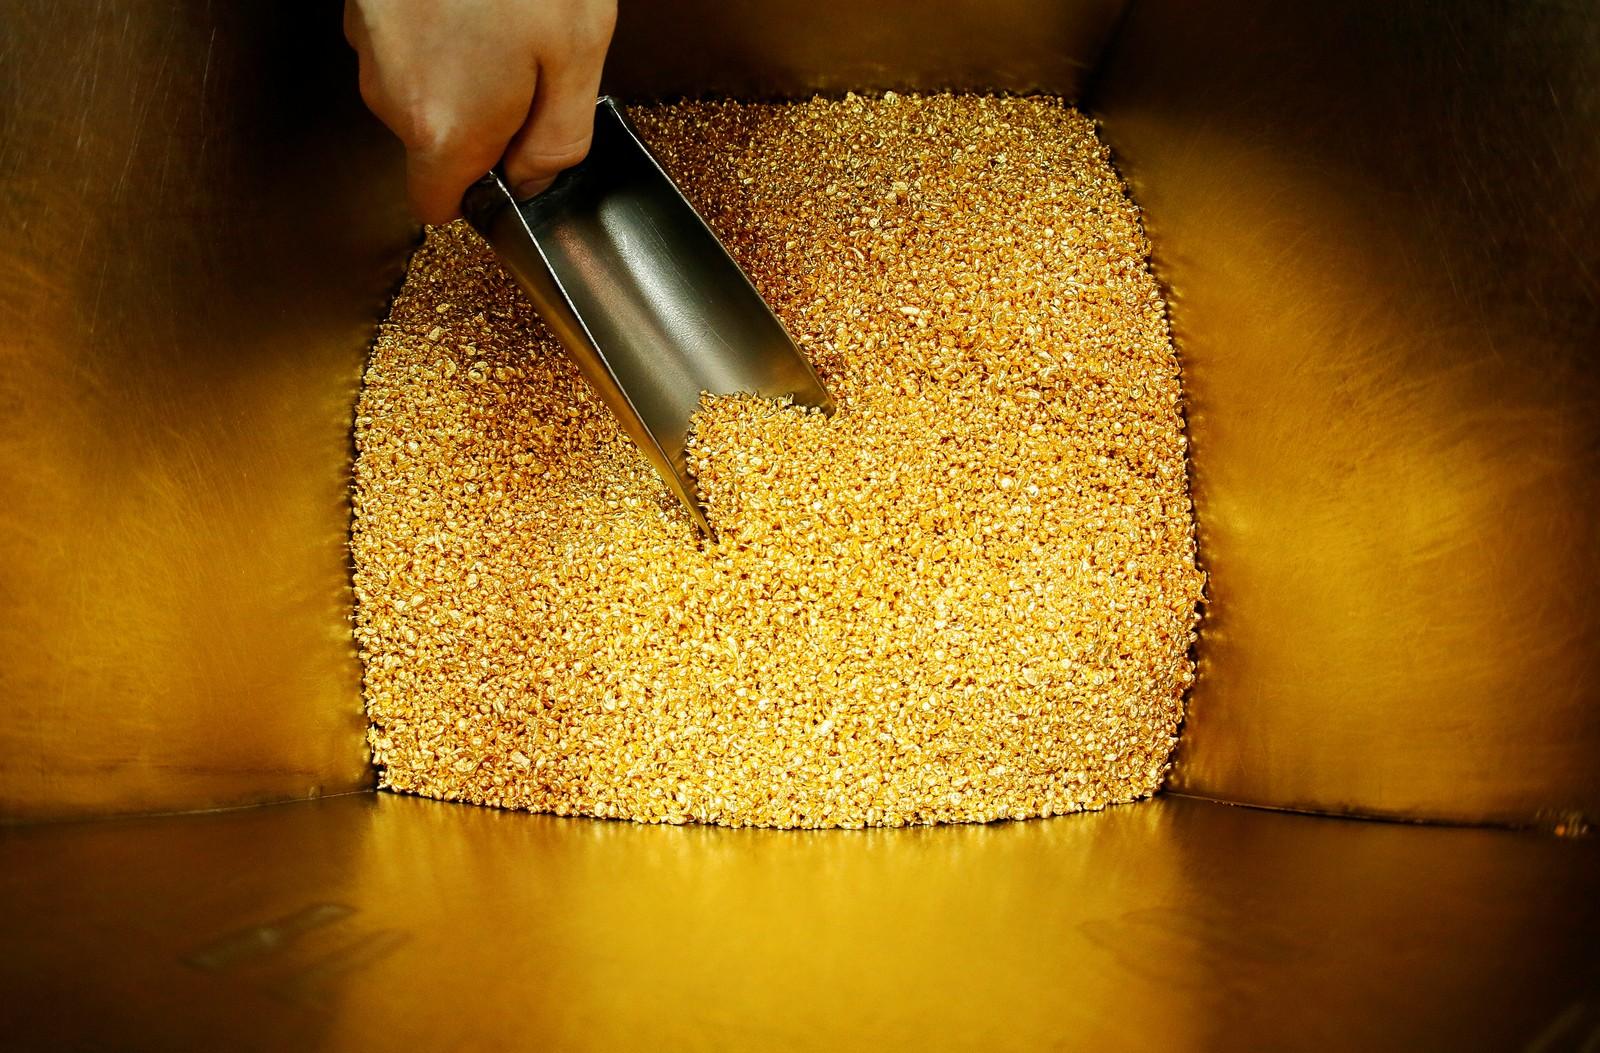 Dette må en kunne kalle ekte gullkorn. Det er 99,99 prosent rent gull. Bildet er tatt i Krasjojarsk i Siberia i Russland.